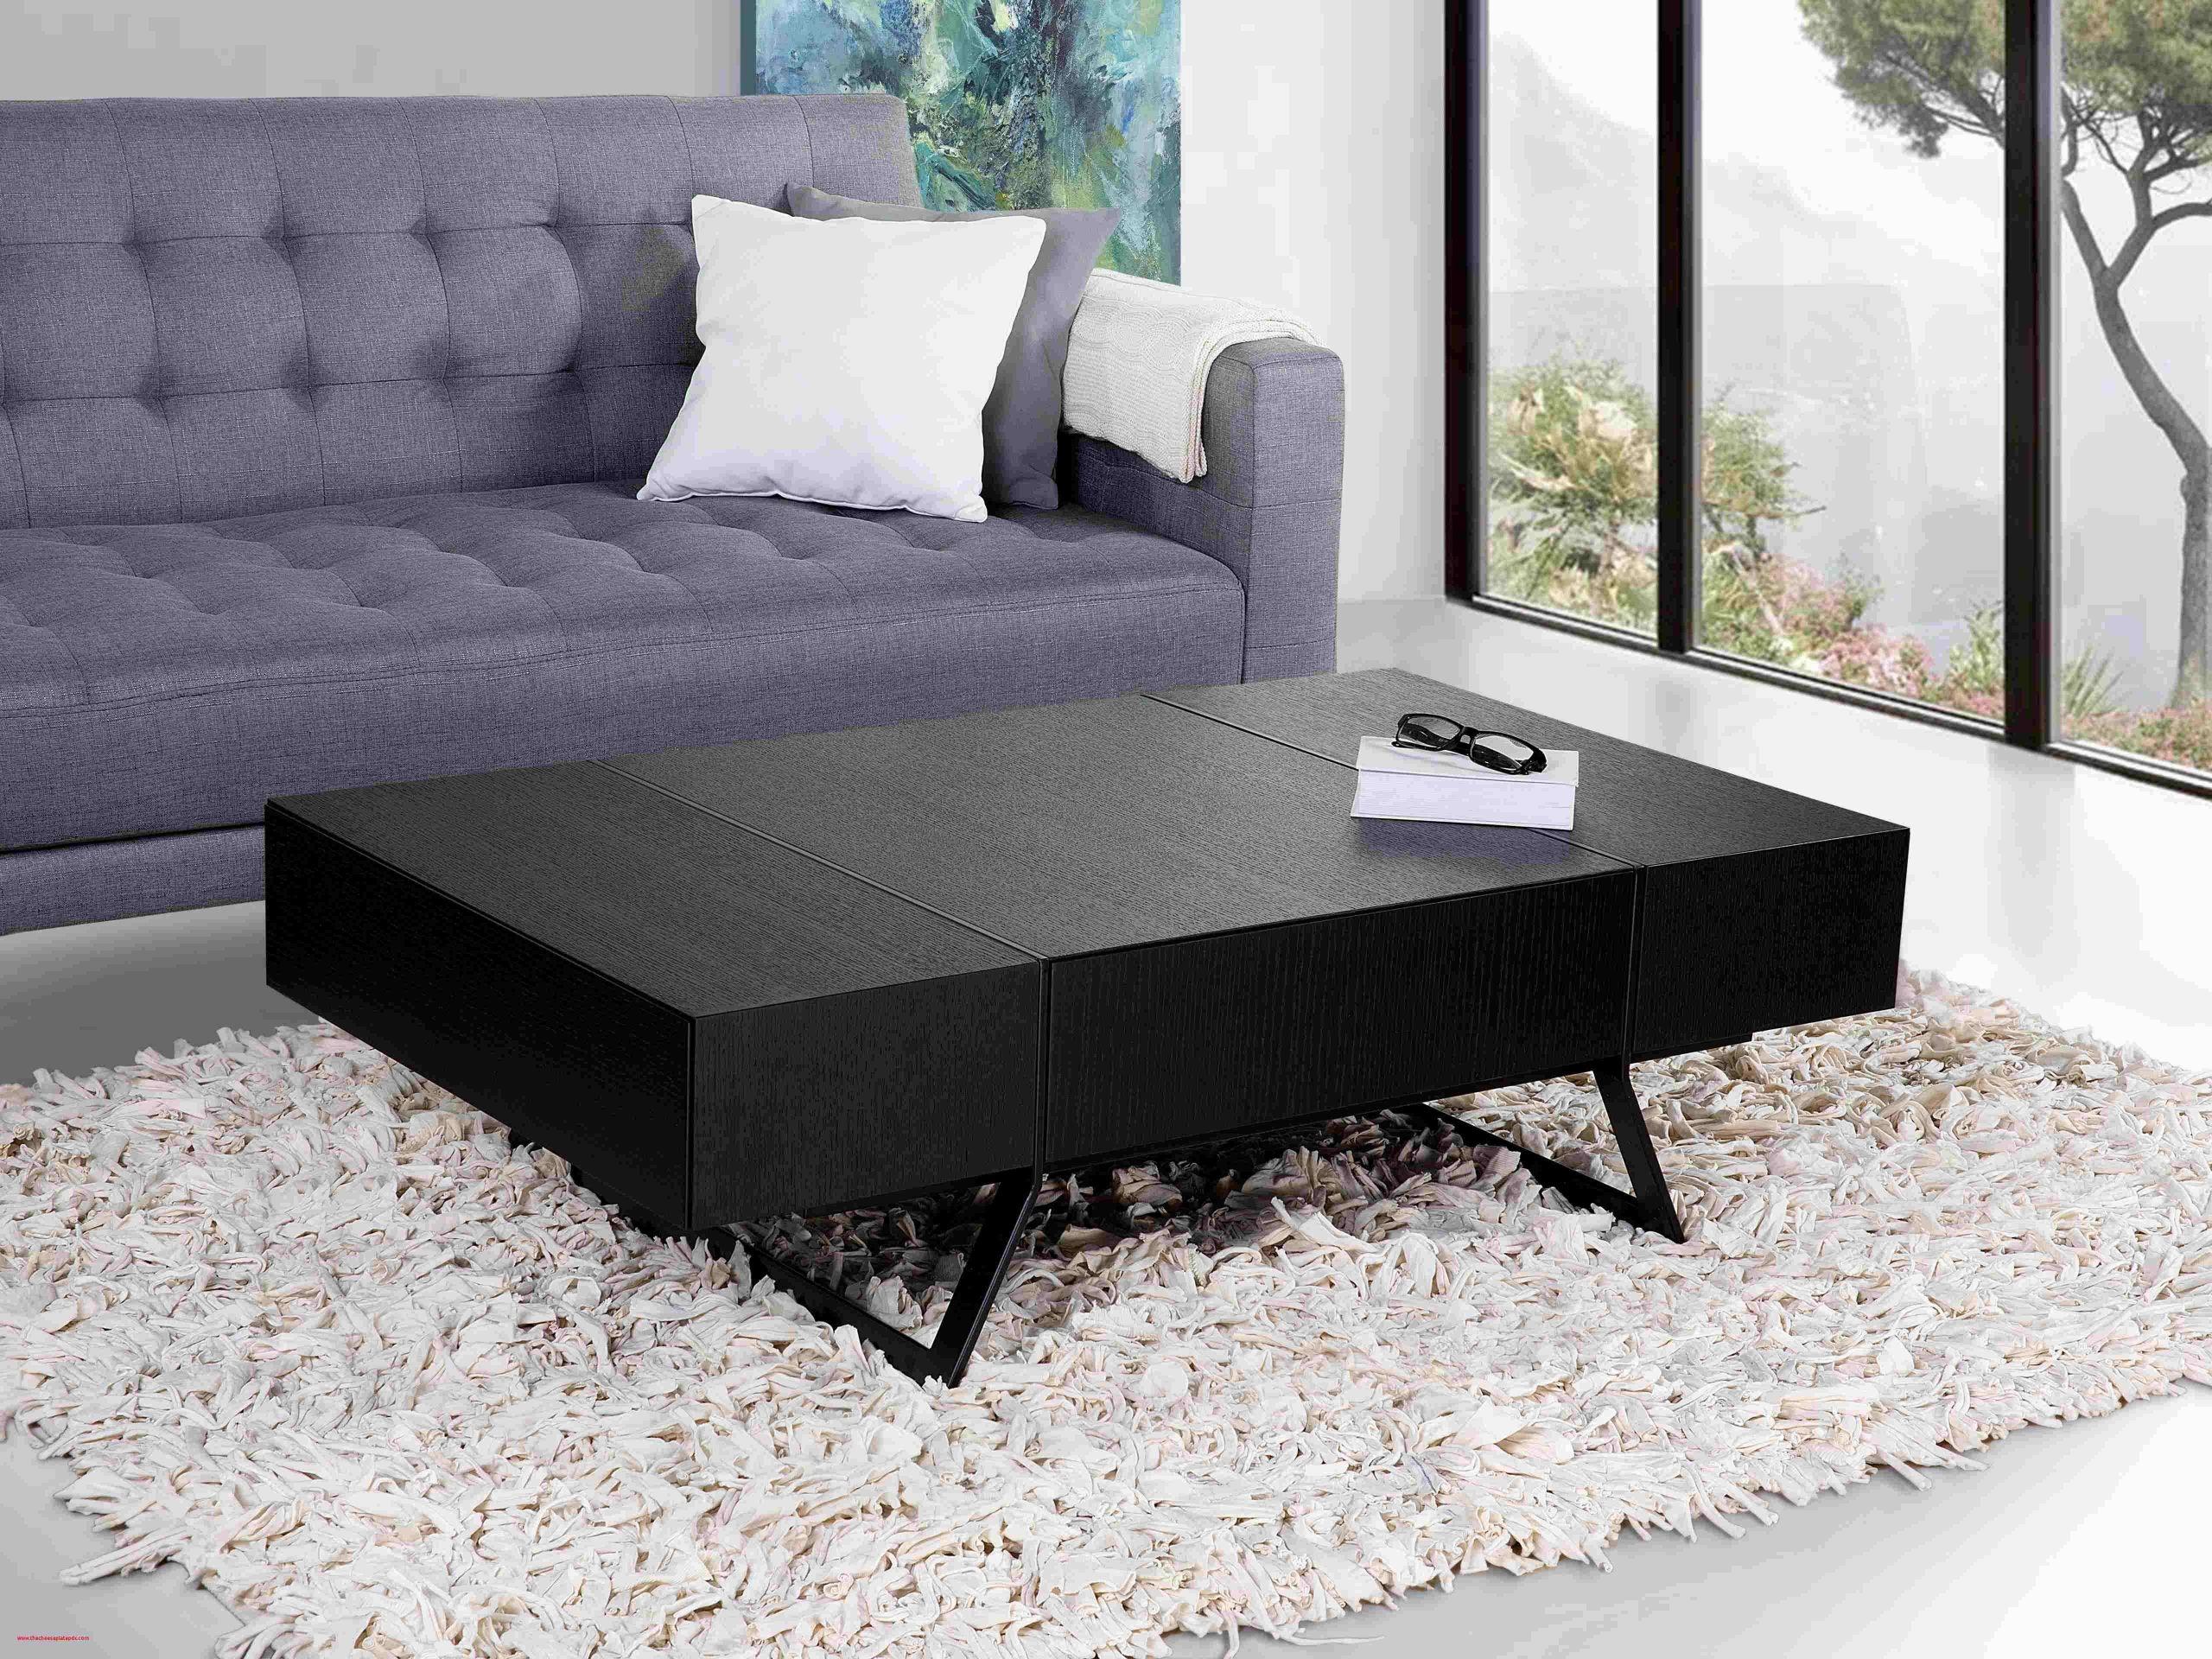 moderne garten lounge awesome terrasse sofa awesome bequeme sofa 0d design von gunstig sofa kaufen of gunstig sofa kaufen 1